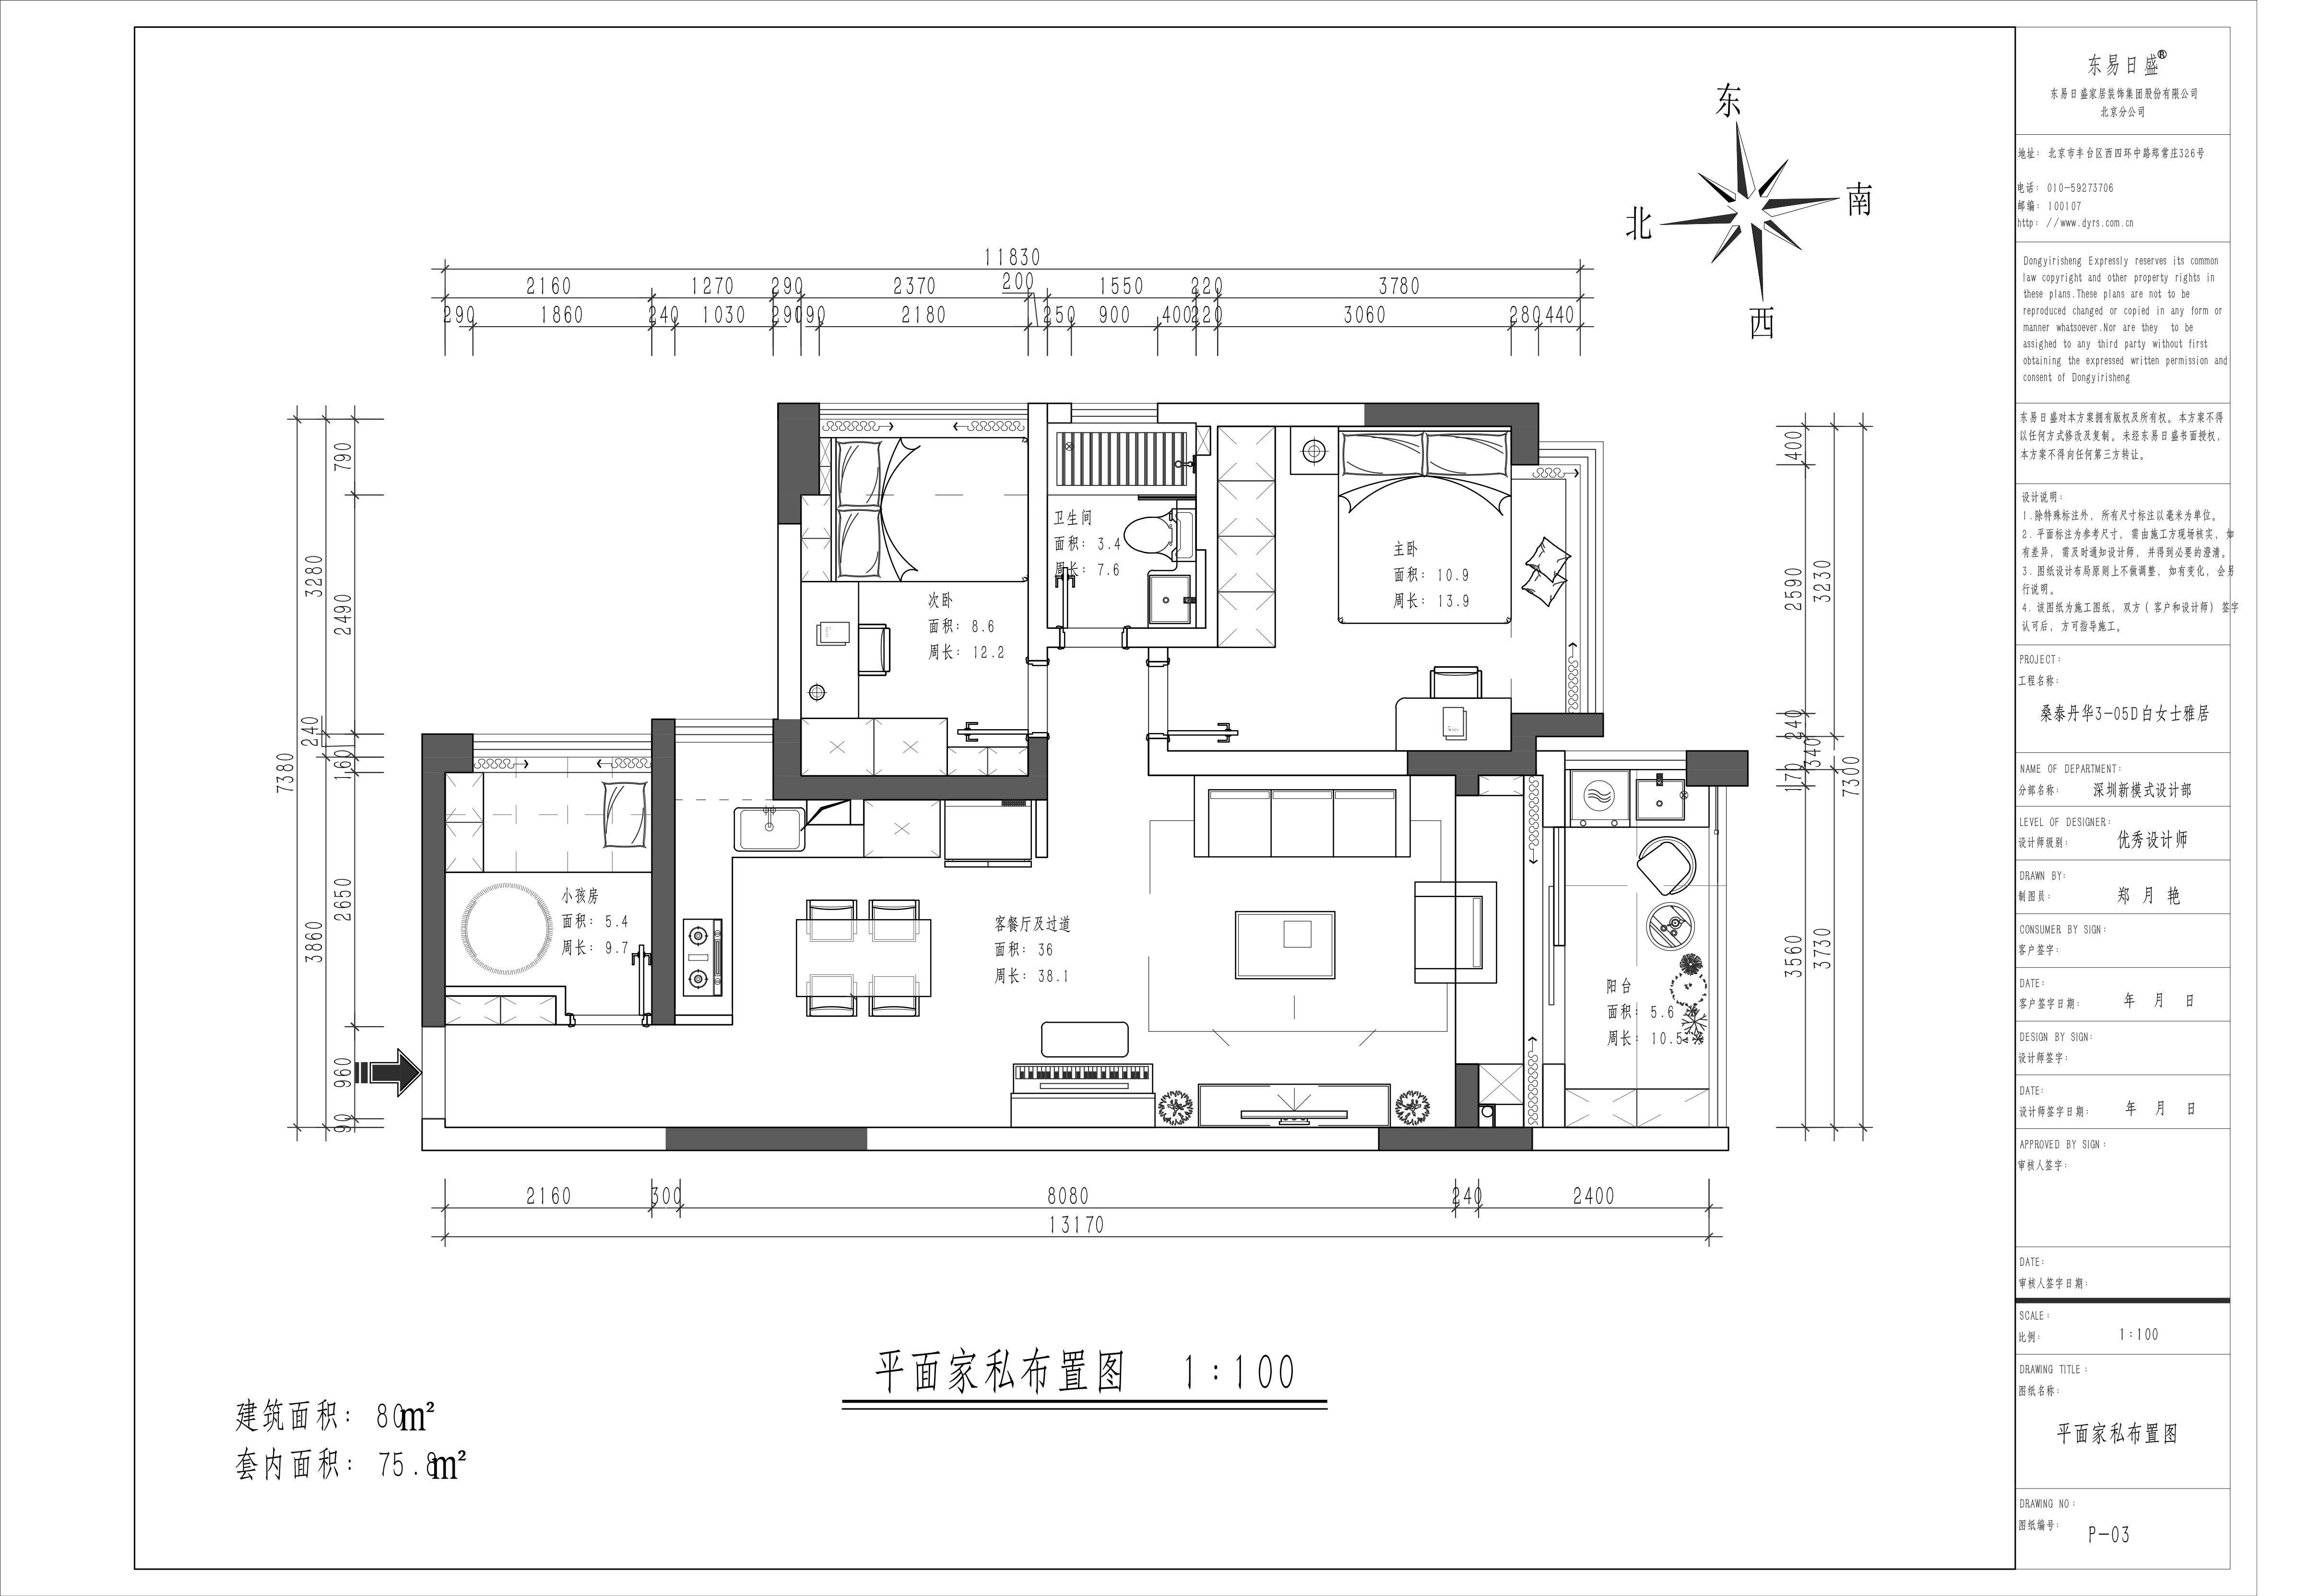 桑泰丹华-美式轻奢风格-85平米装修案例装修设计理念